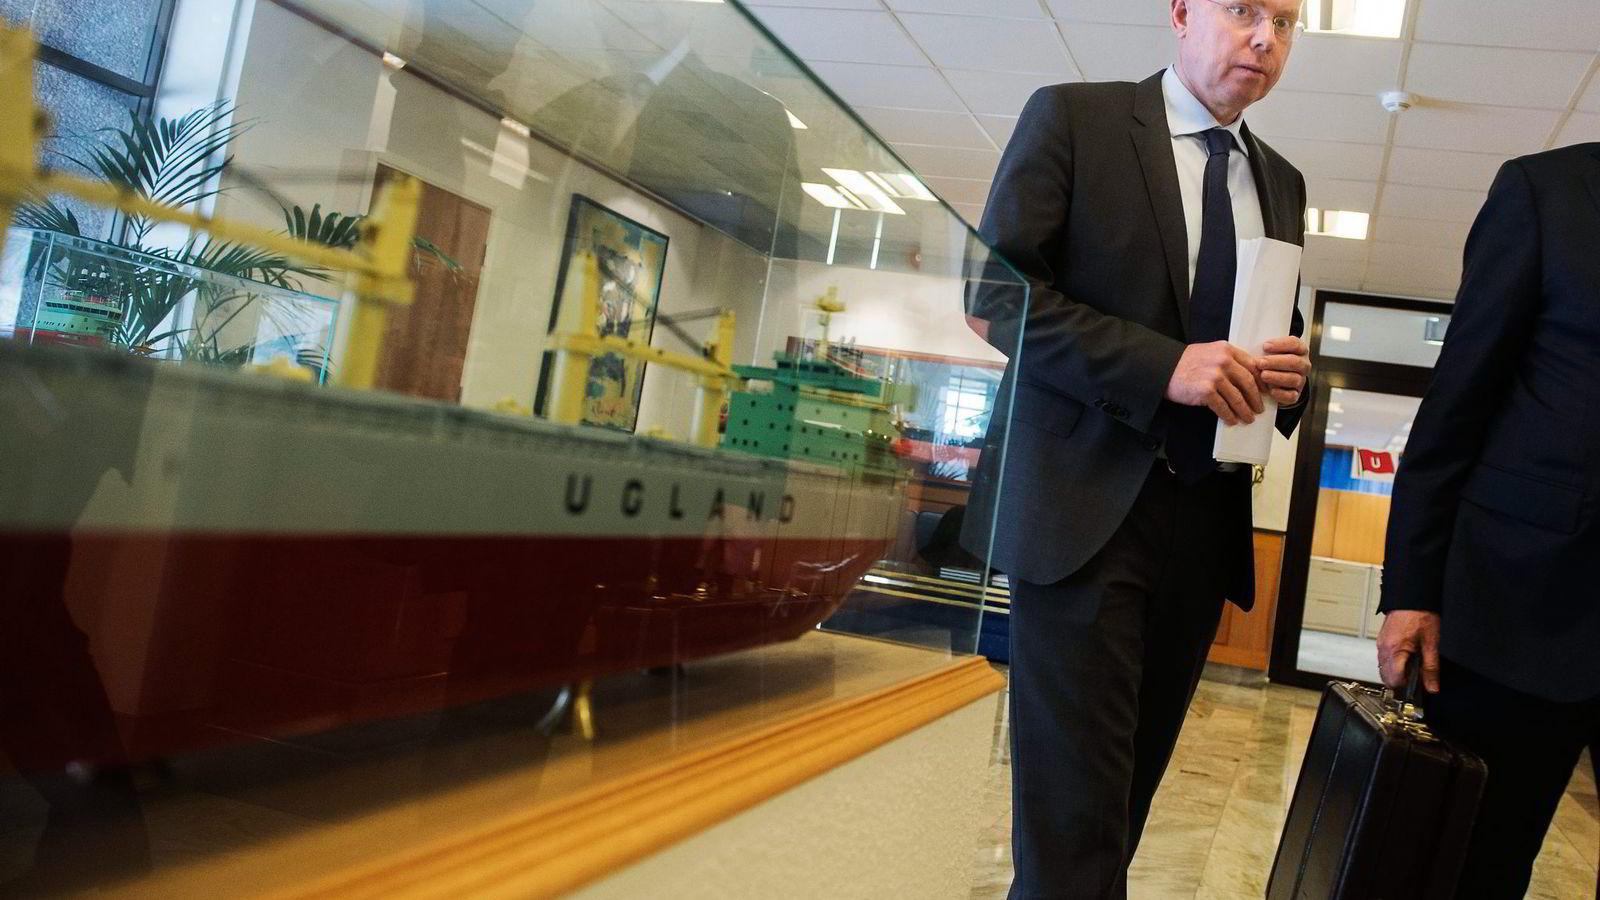 JJ Ugland-sjefen Øystein Beisland har beordret intern granskning av korrupsjonspåstandene. Foto: